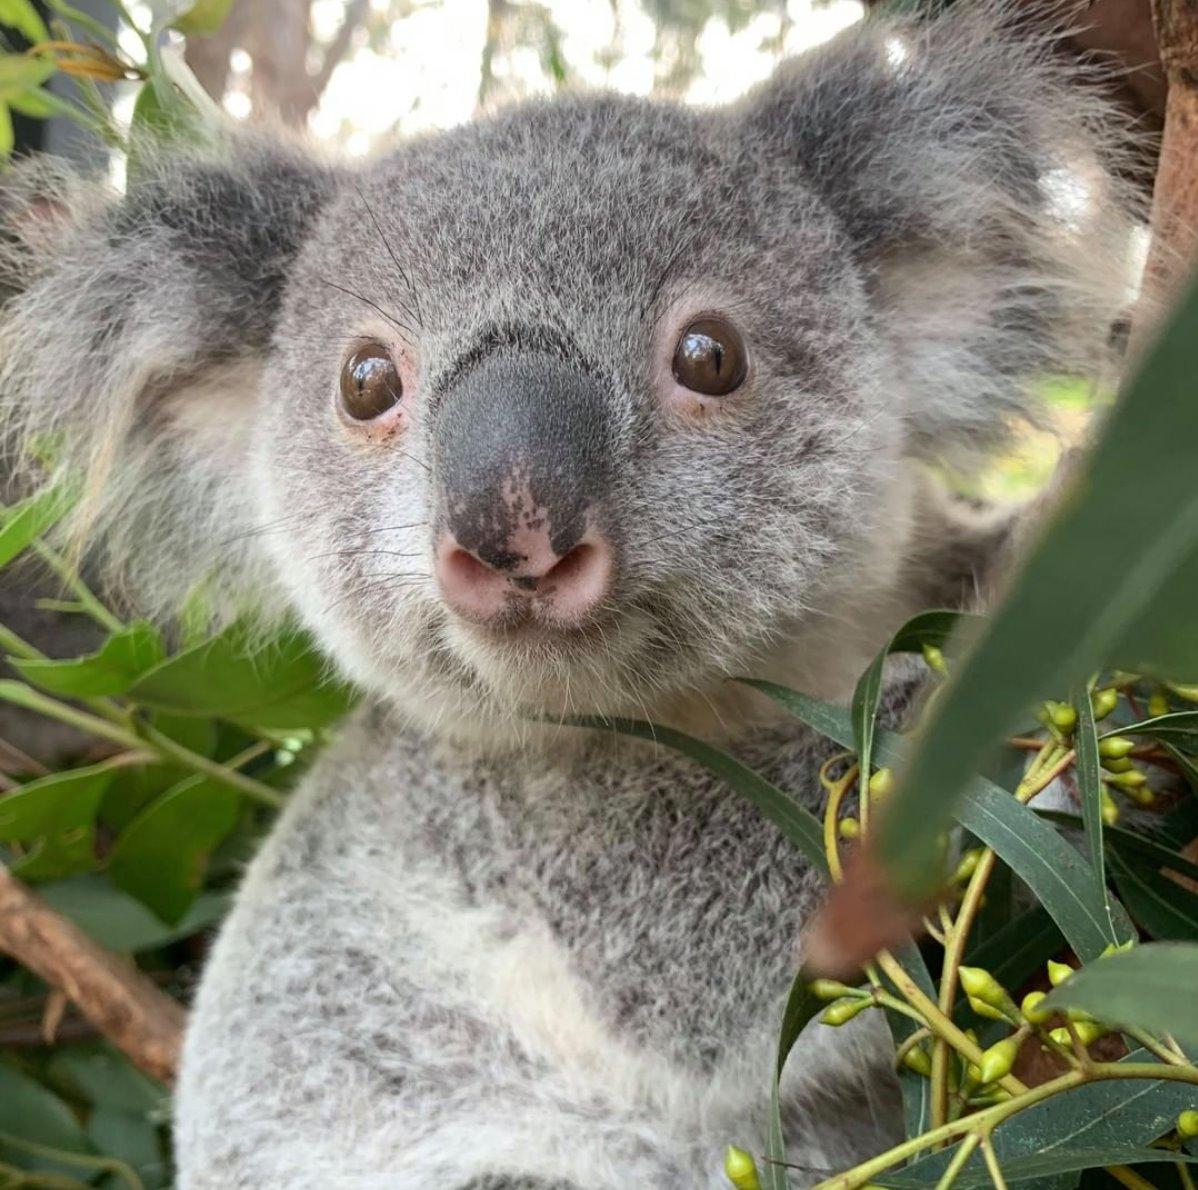 It's a koala